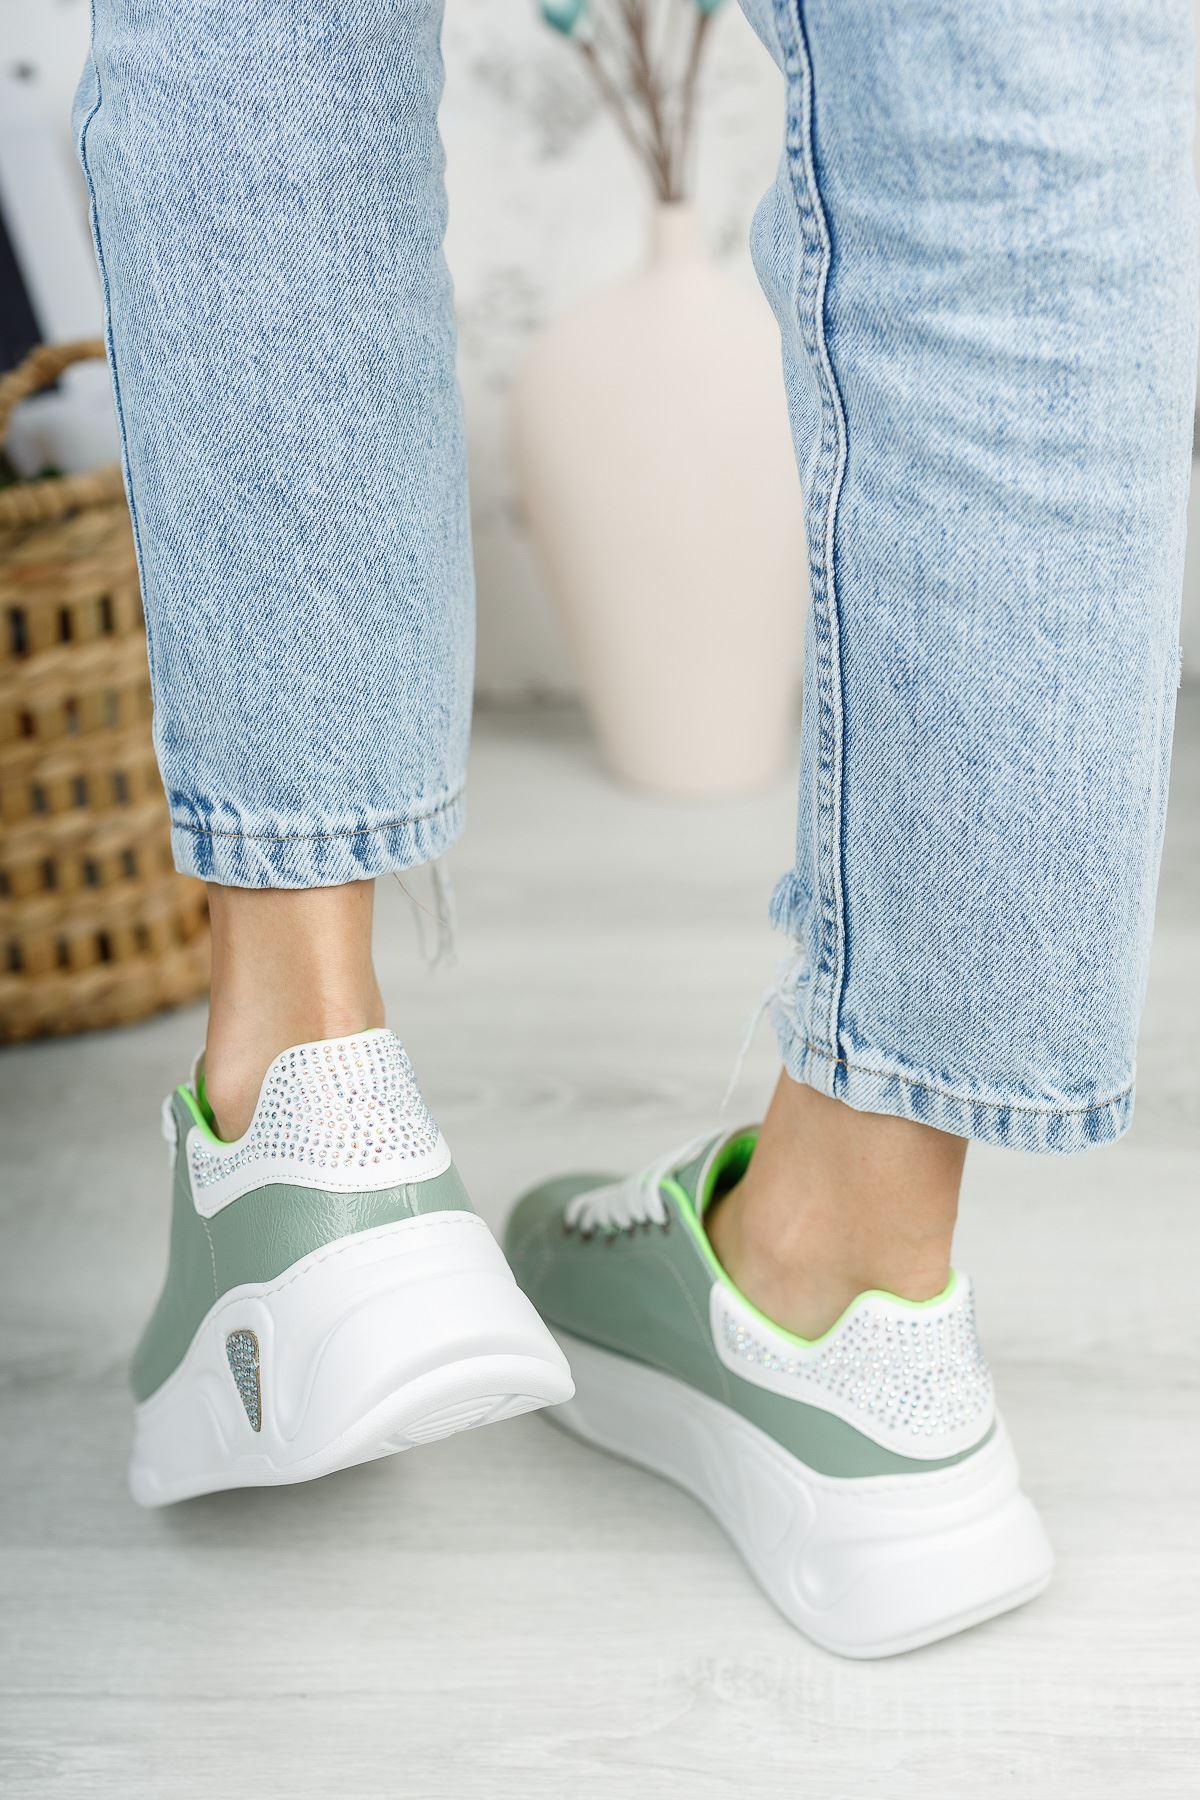 Kadın Taylor Taş Detay Kalın Taban Yeşil Spor Ayakkabı Bağcıklı Mat Deri